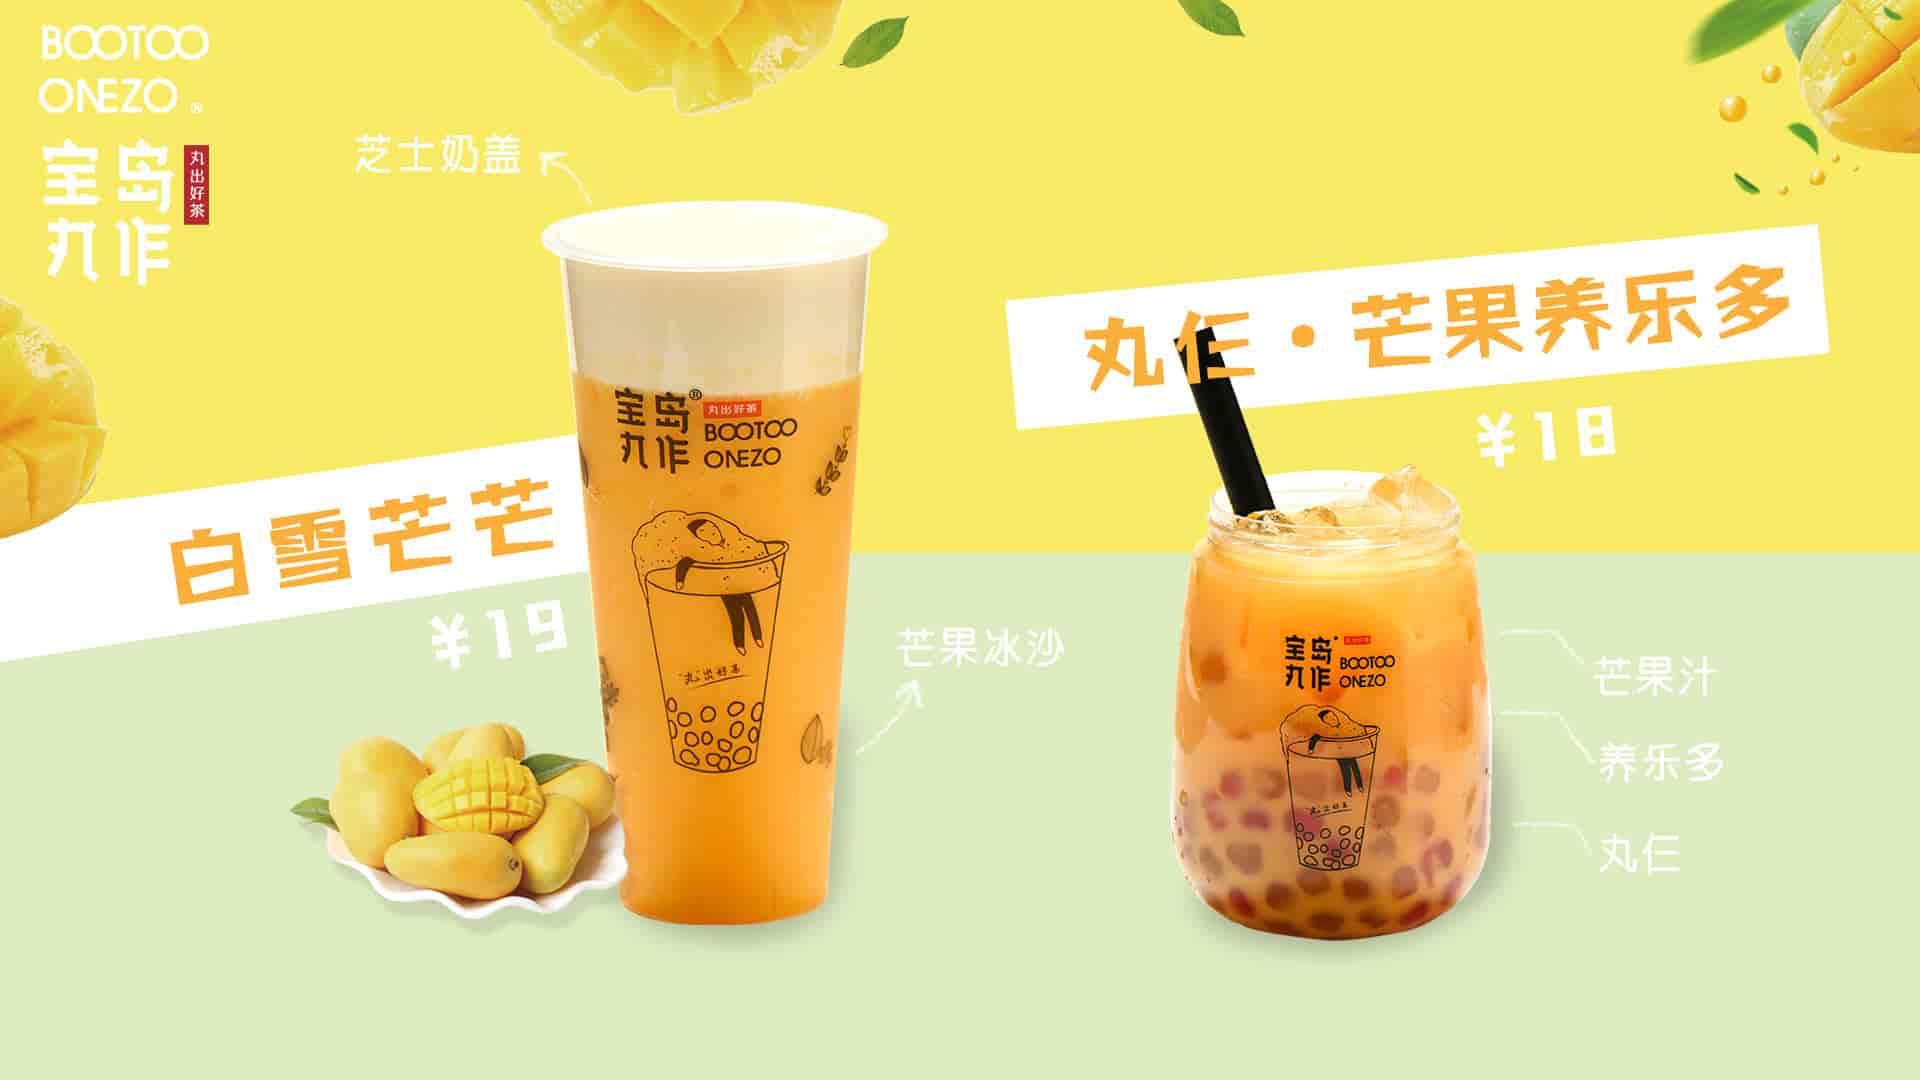 奶茶创业者和消费者画像